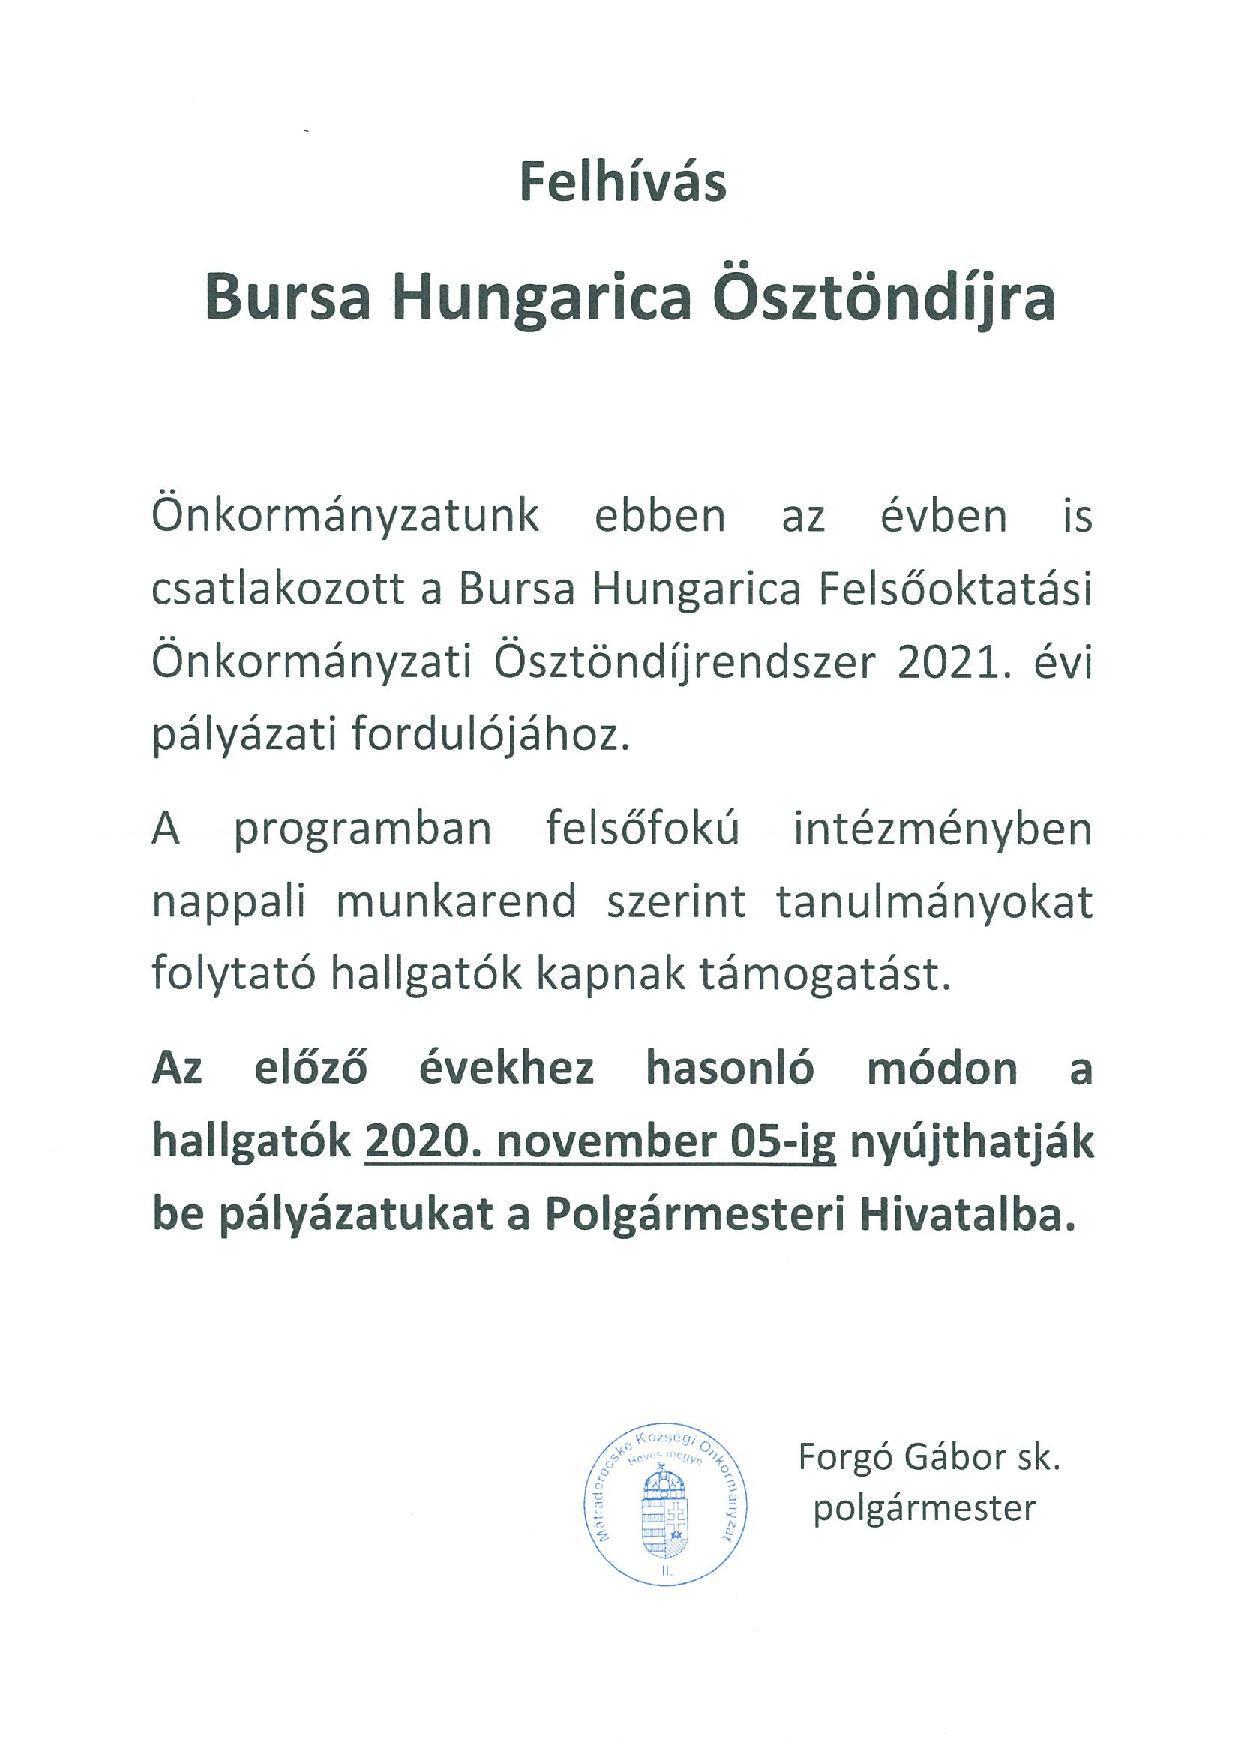 Bursa Hungarica ösztöndíj